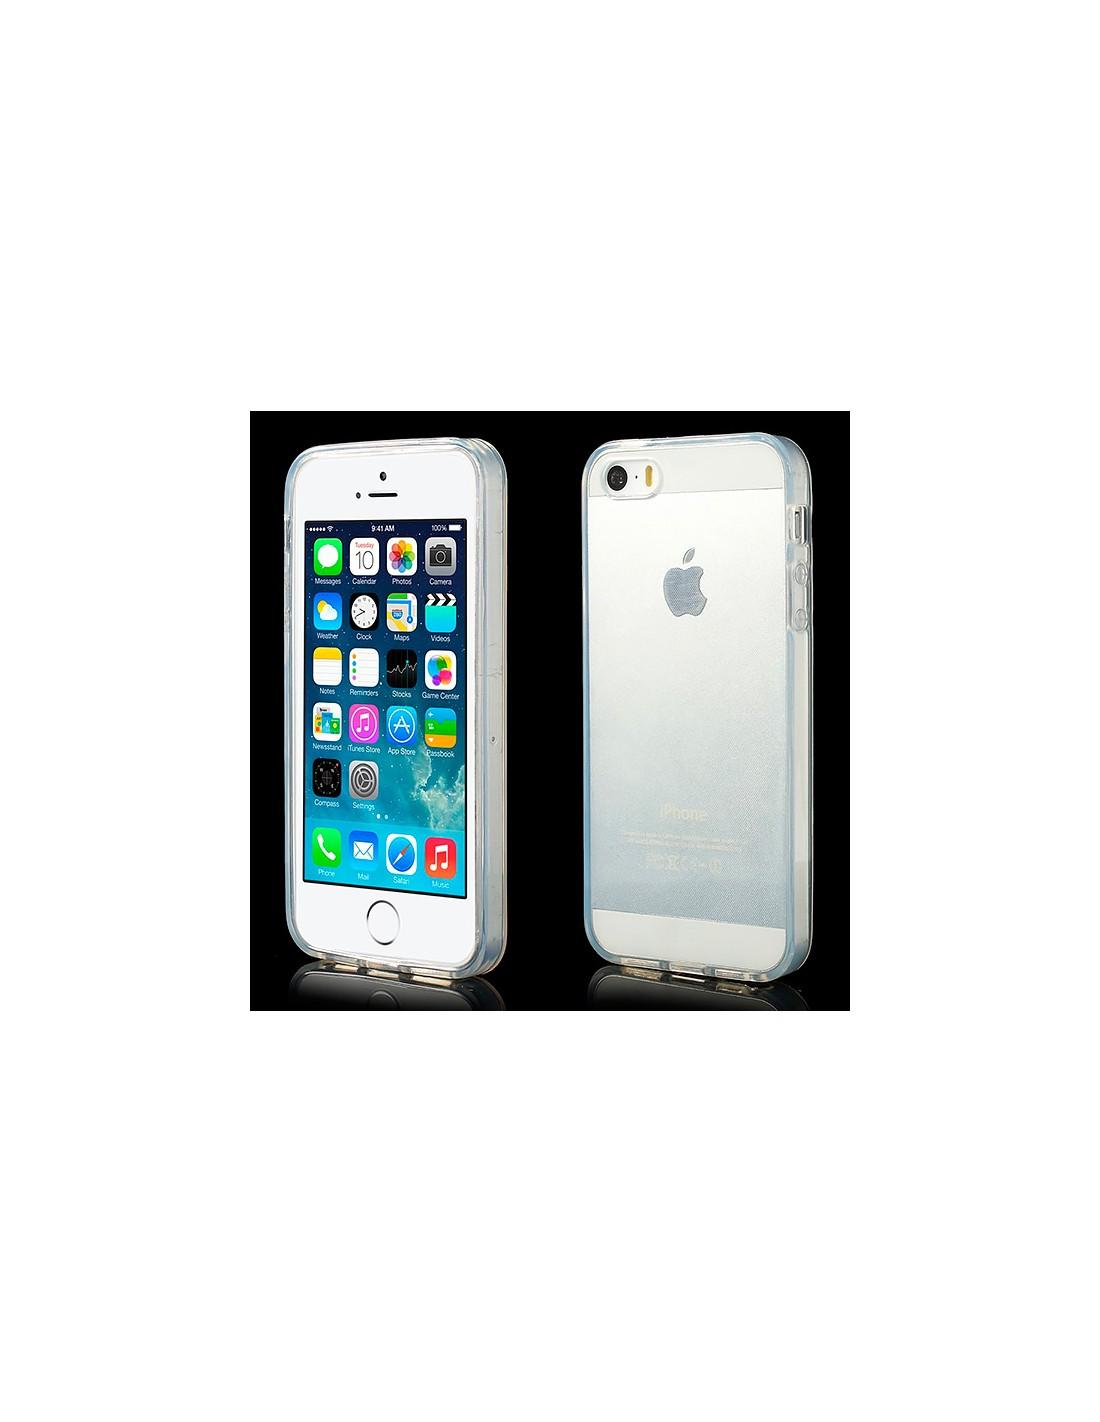 Coque Transparente Silicone Iphone